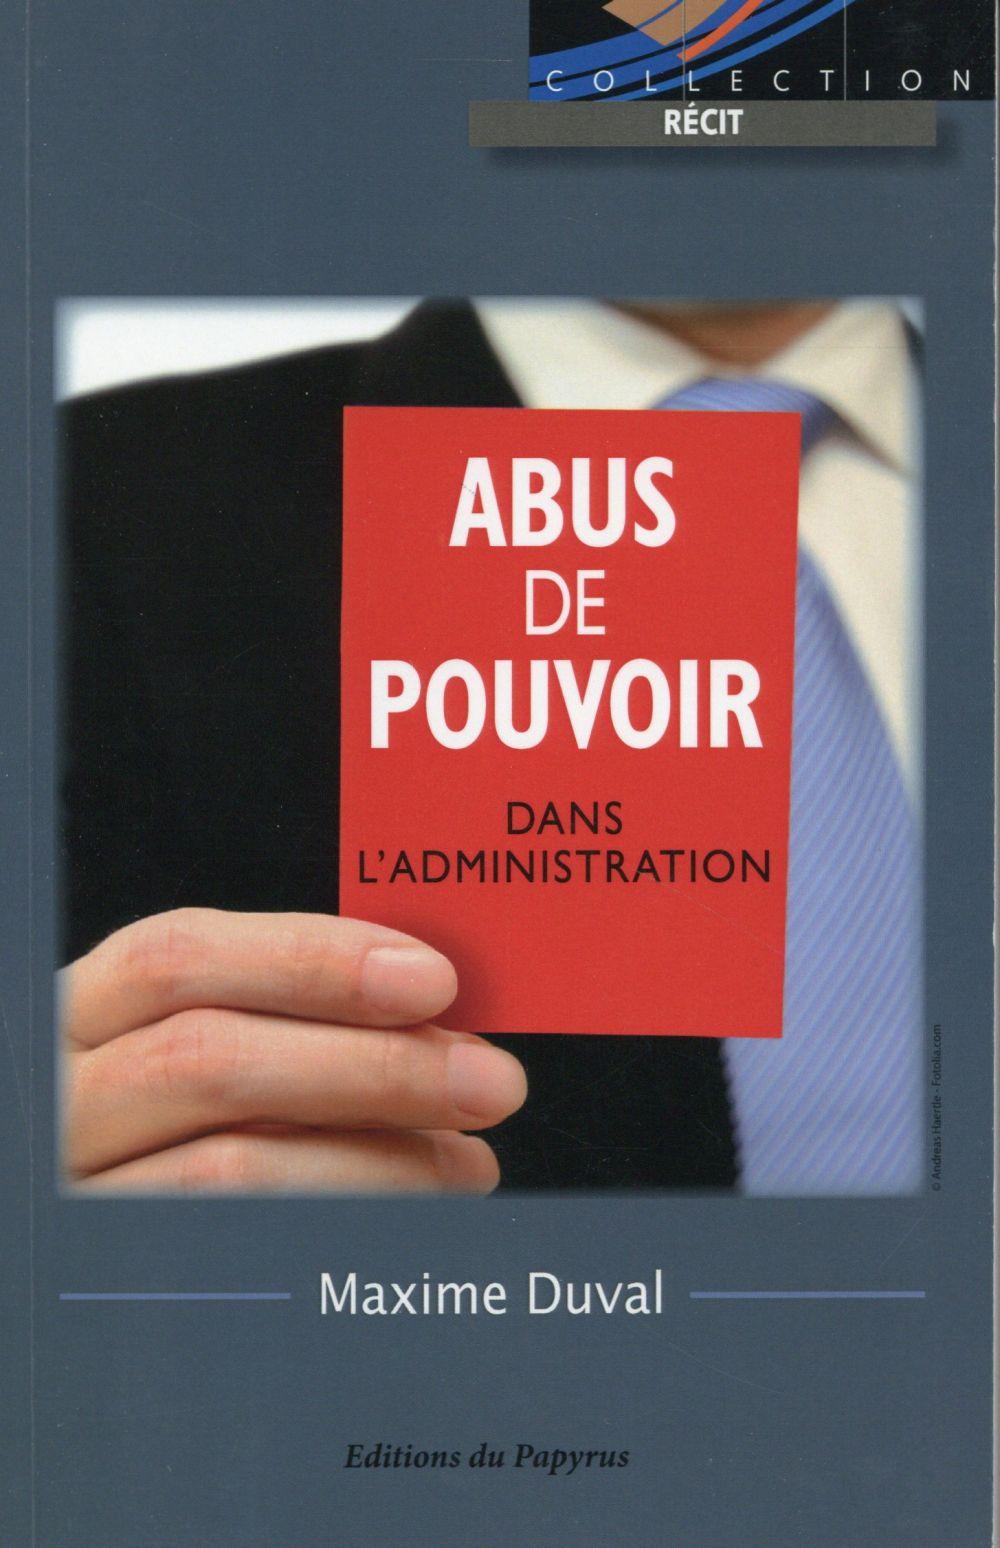 ABUS DE POUVOIR DANS L ADMINISTRATION